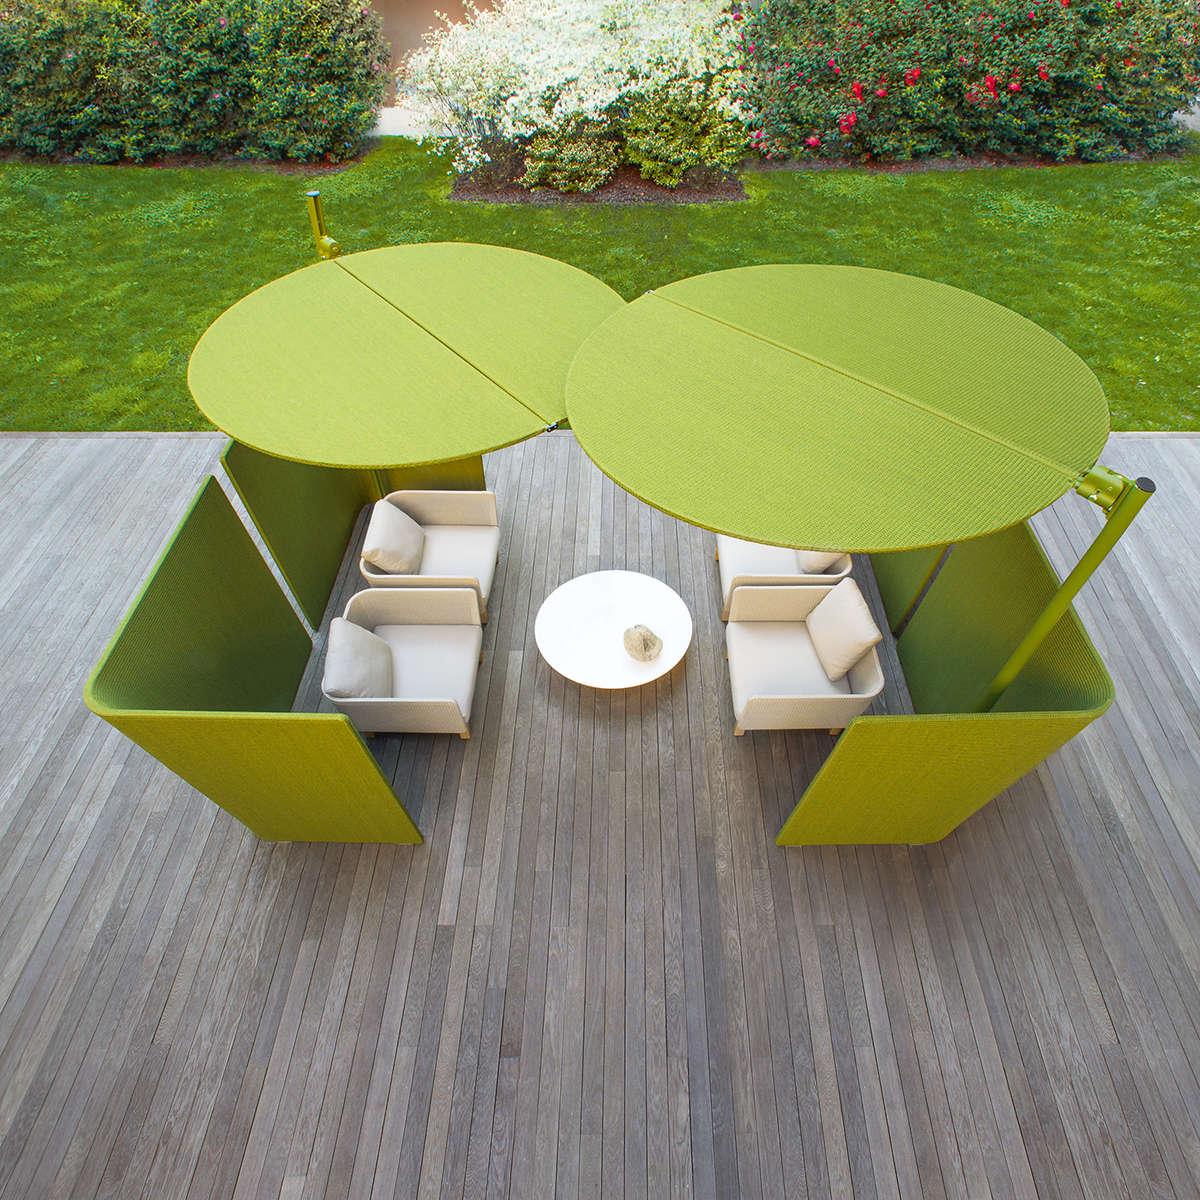 Paola Lenti Sabi Arm Chair Sized Cut Out 1